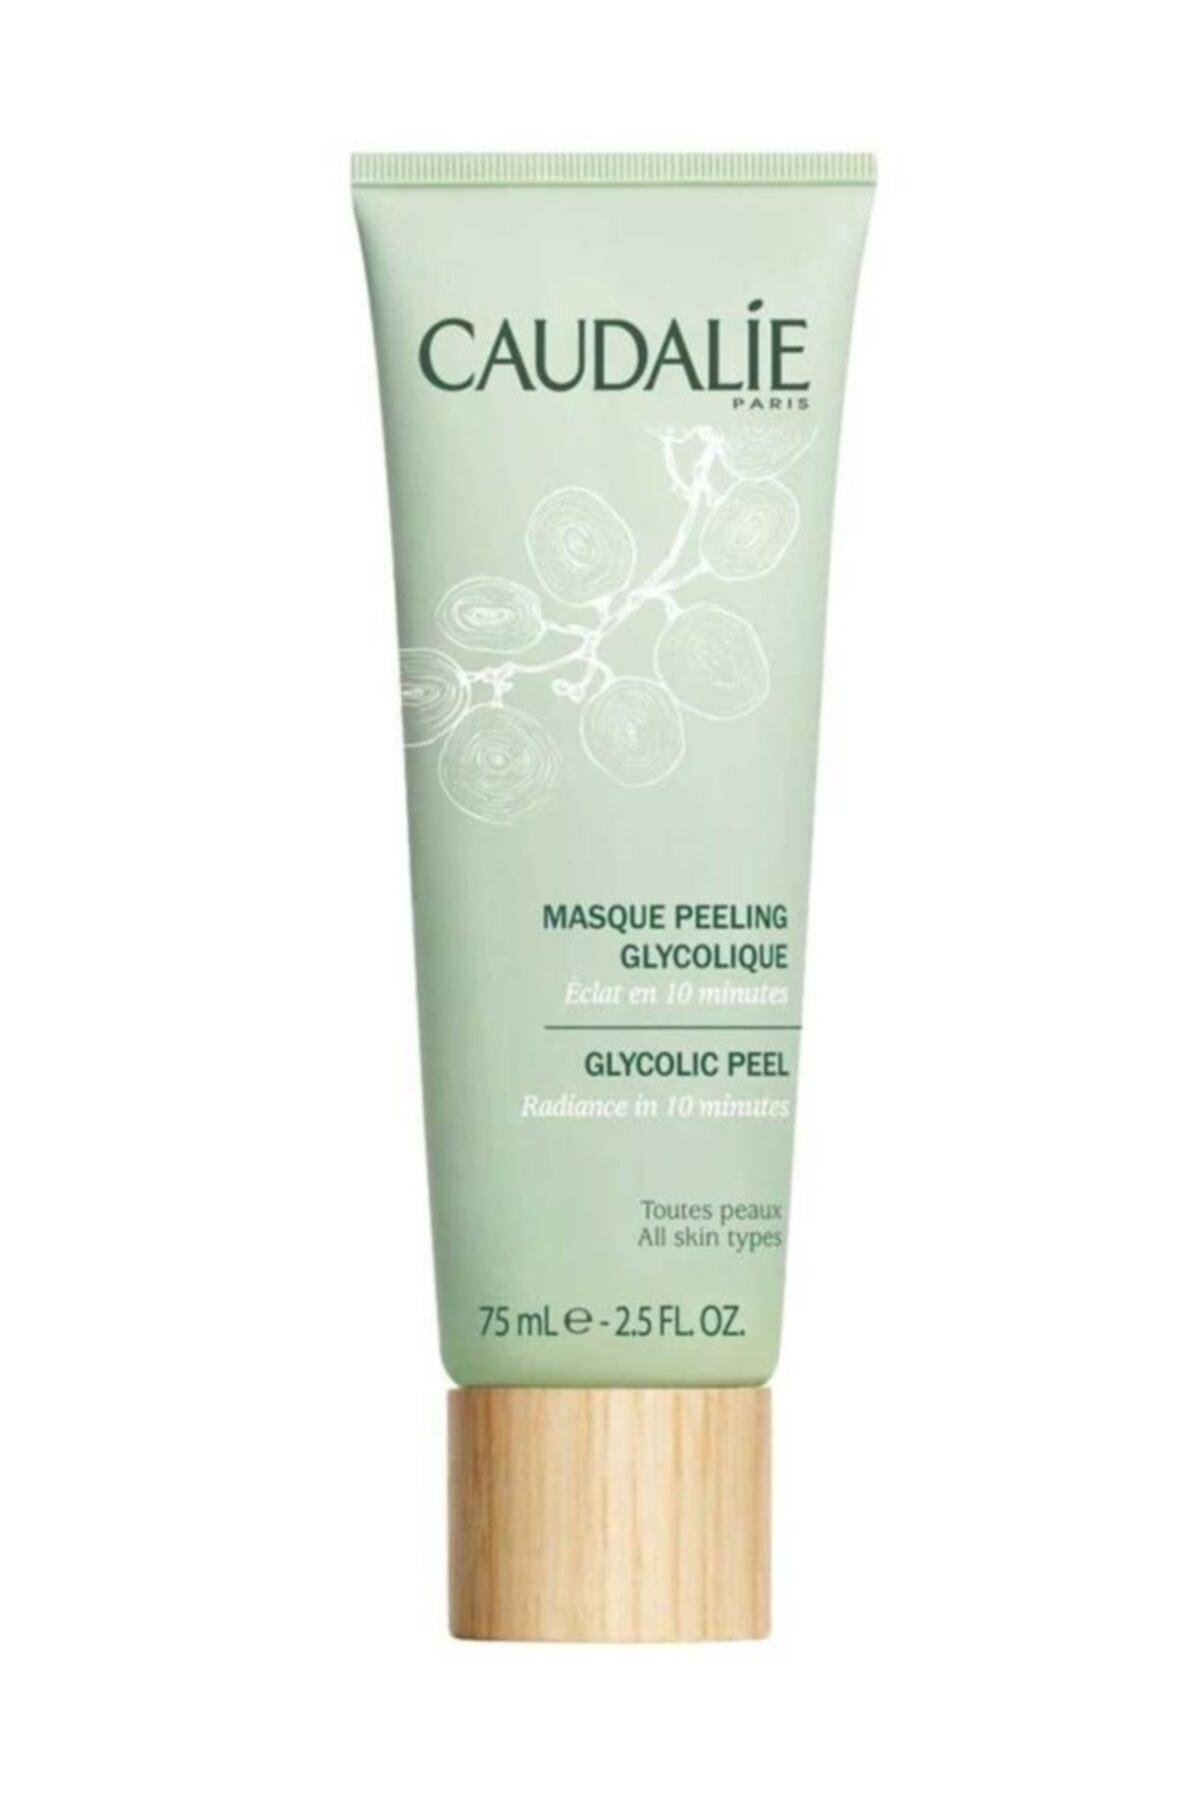 Caudalie Ölü Hücreleri Arındıran Peeling - Glycolique Maske 75 ml 3522930001812 1